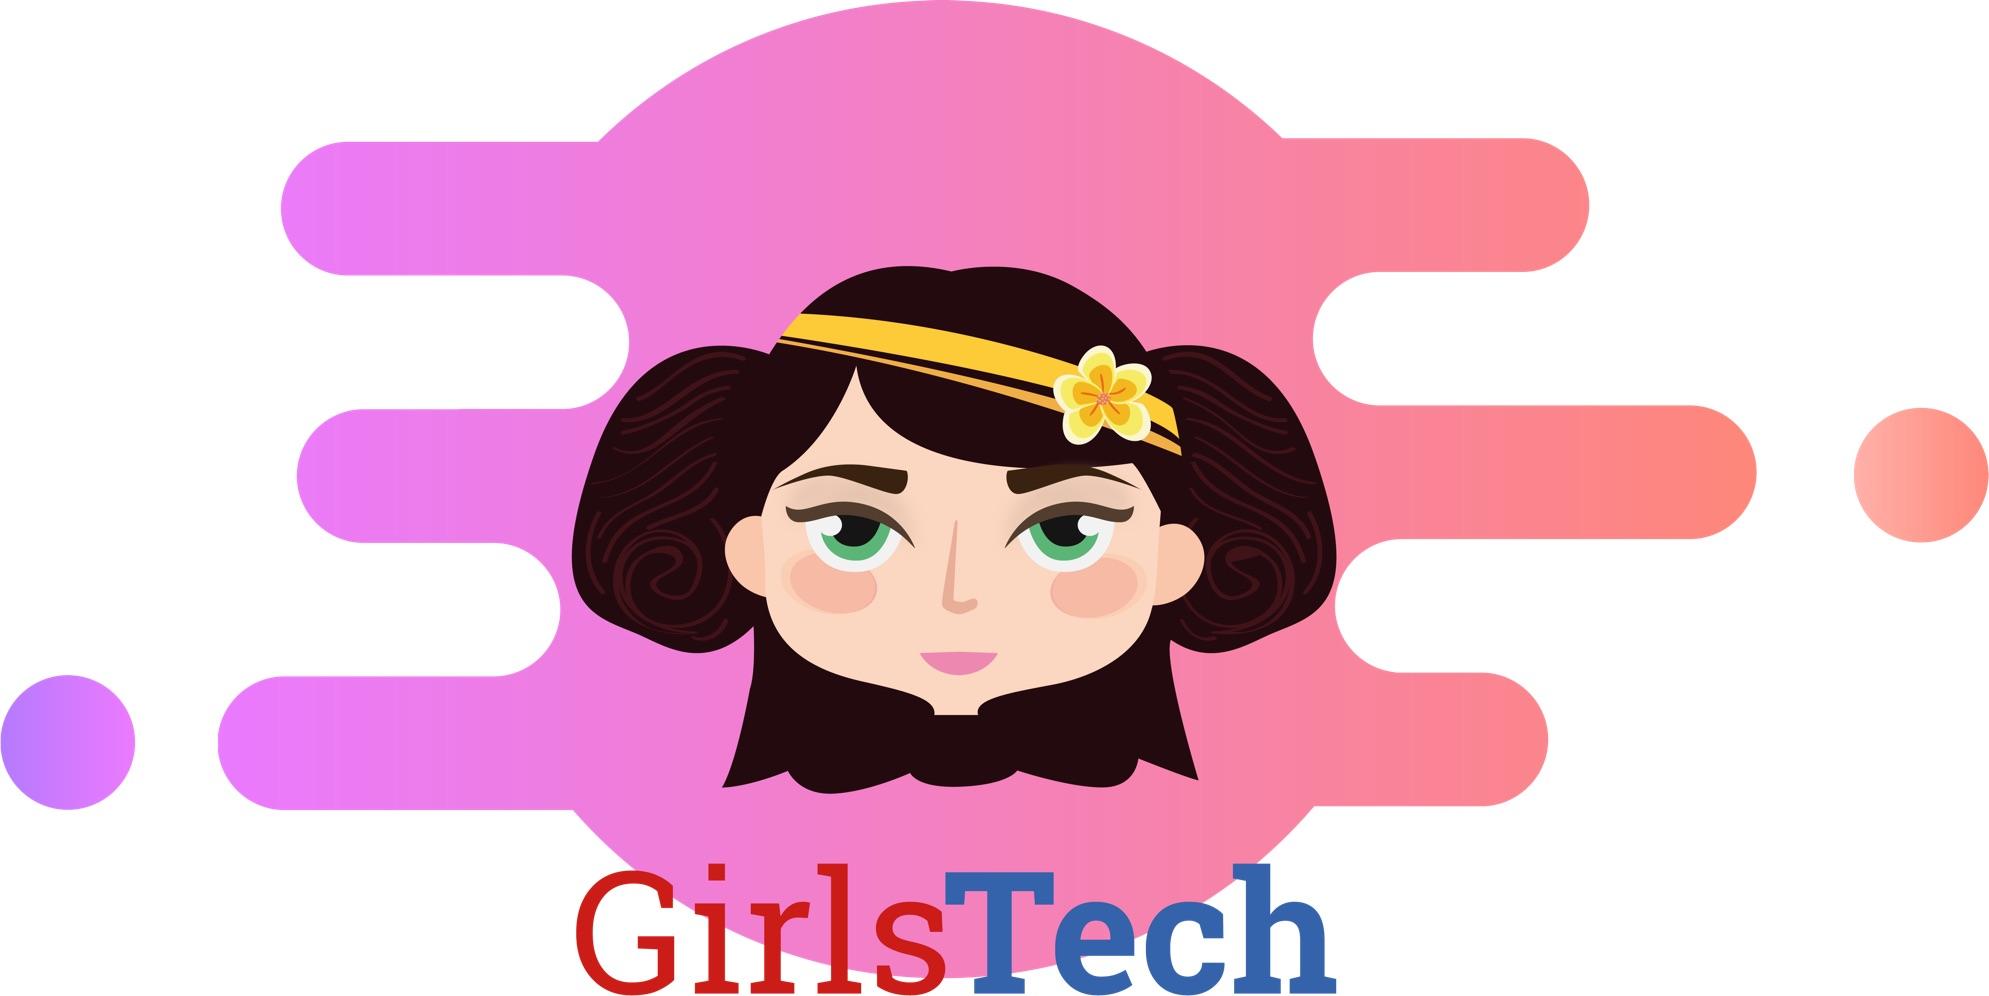 Girls Tech 2018